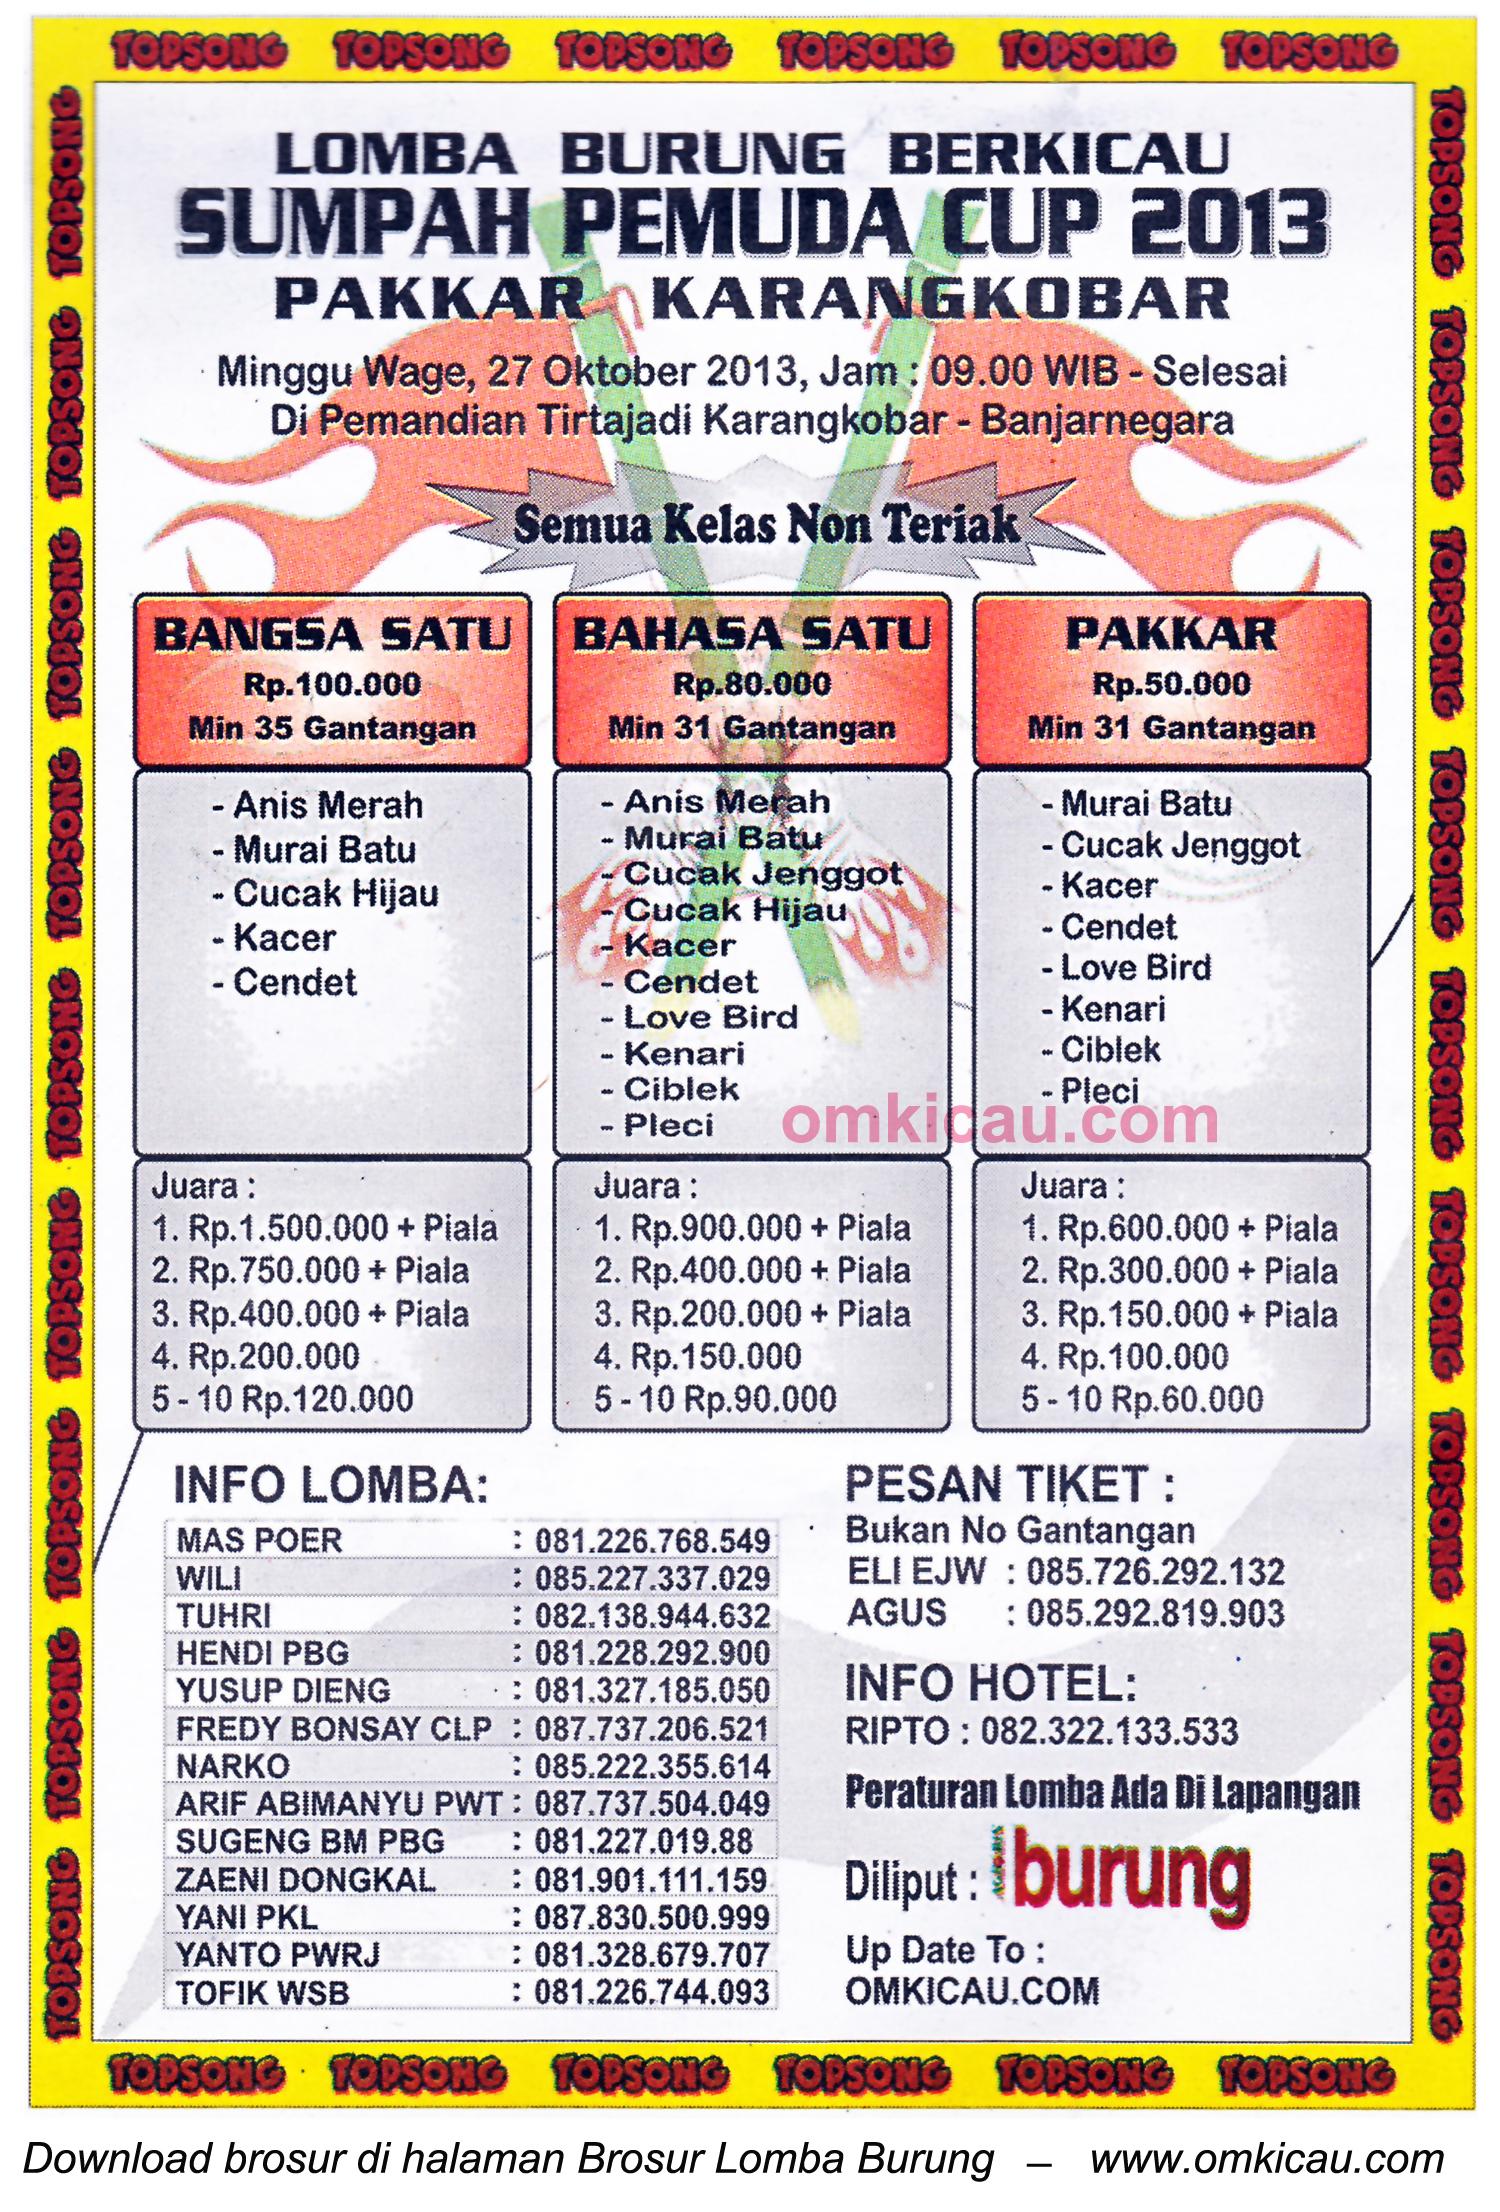 Brosur Lomba Burung Sumpah Pemuda Cup, Banjarnegara, 27 Oktober 2013